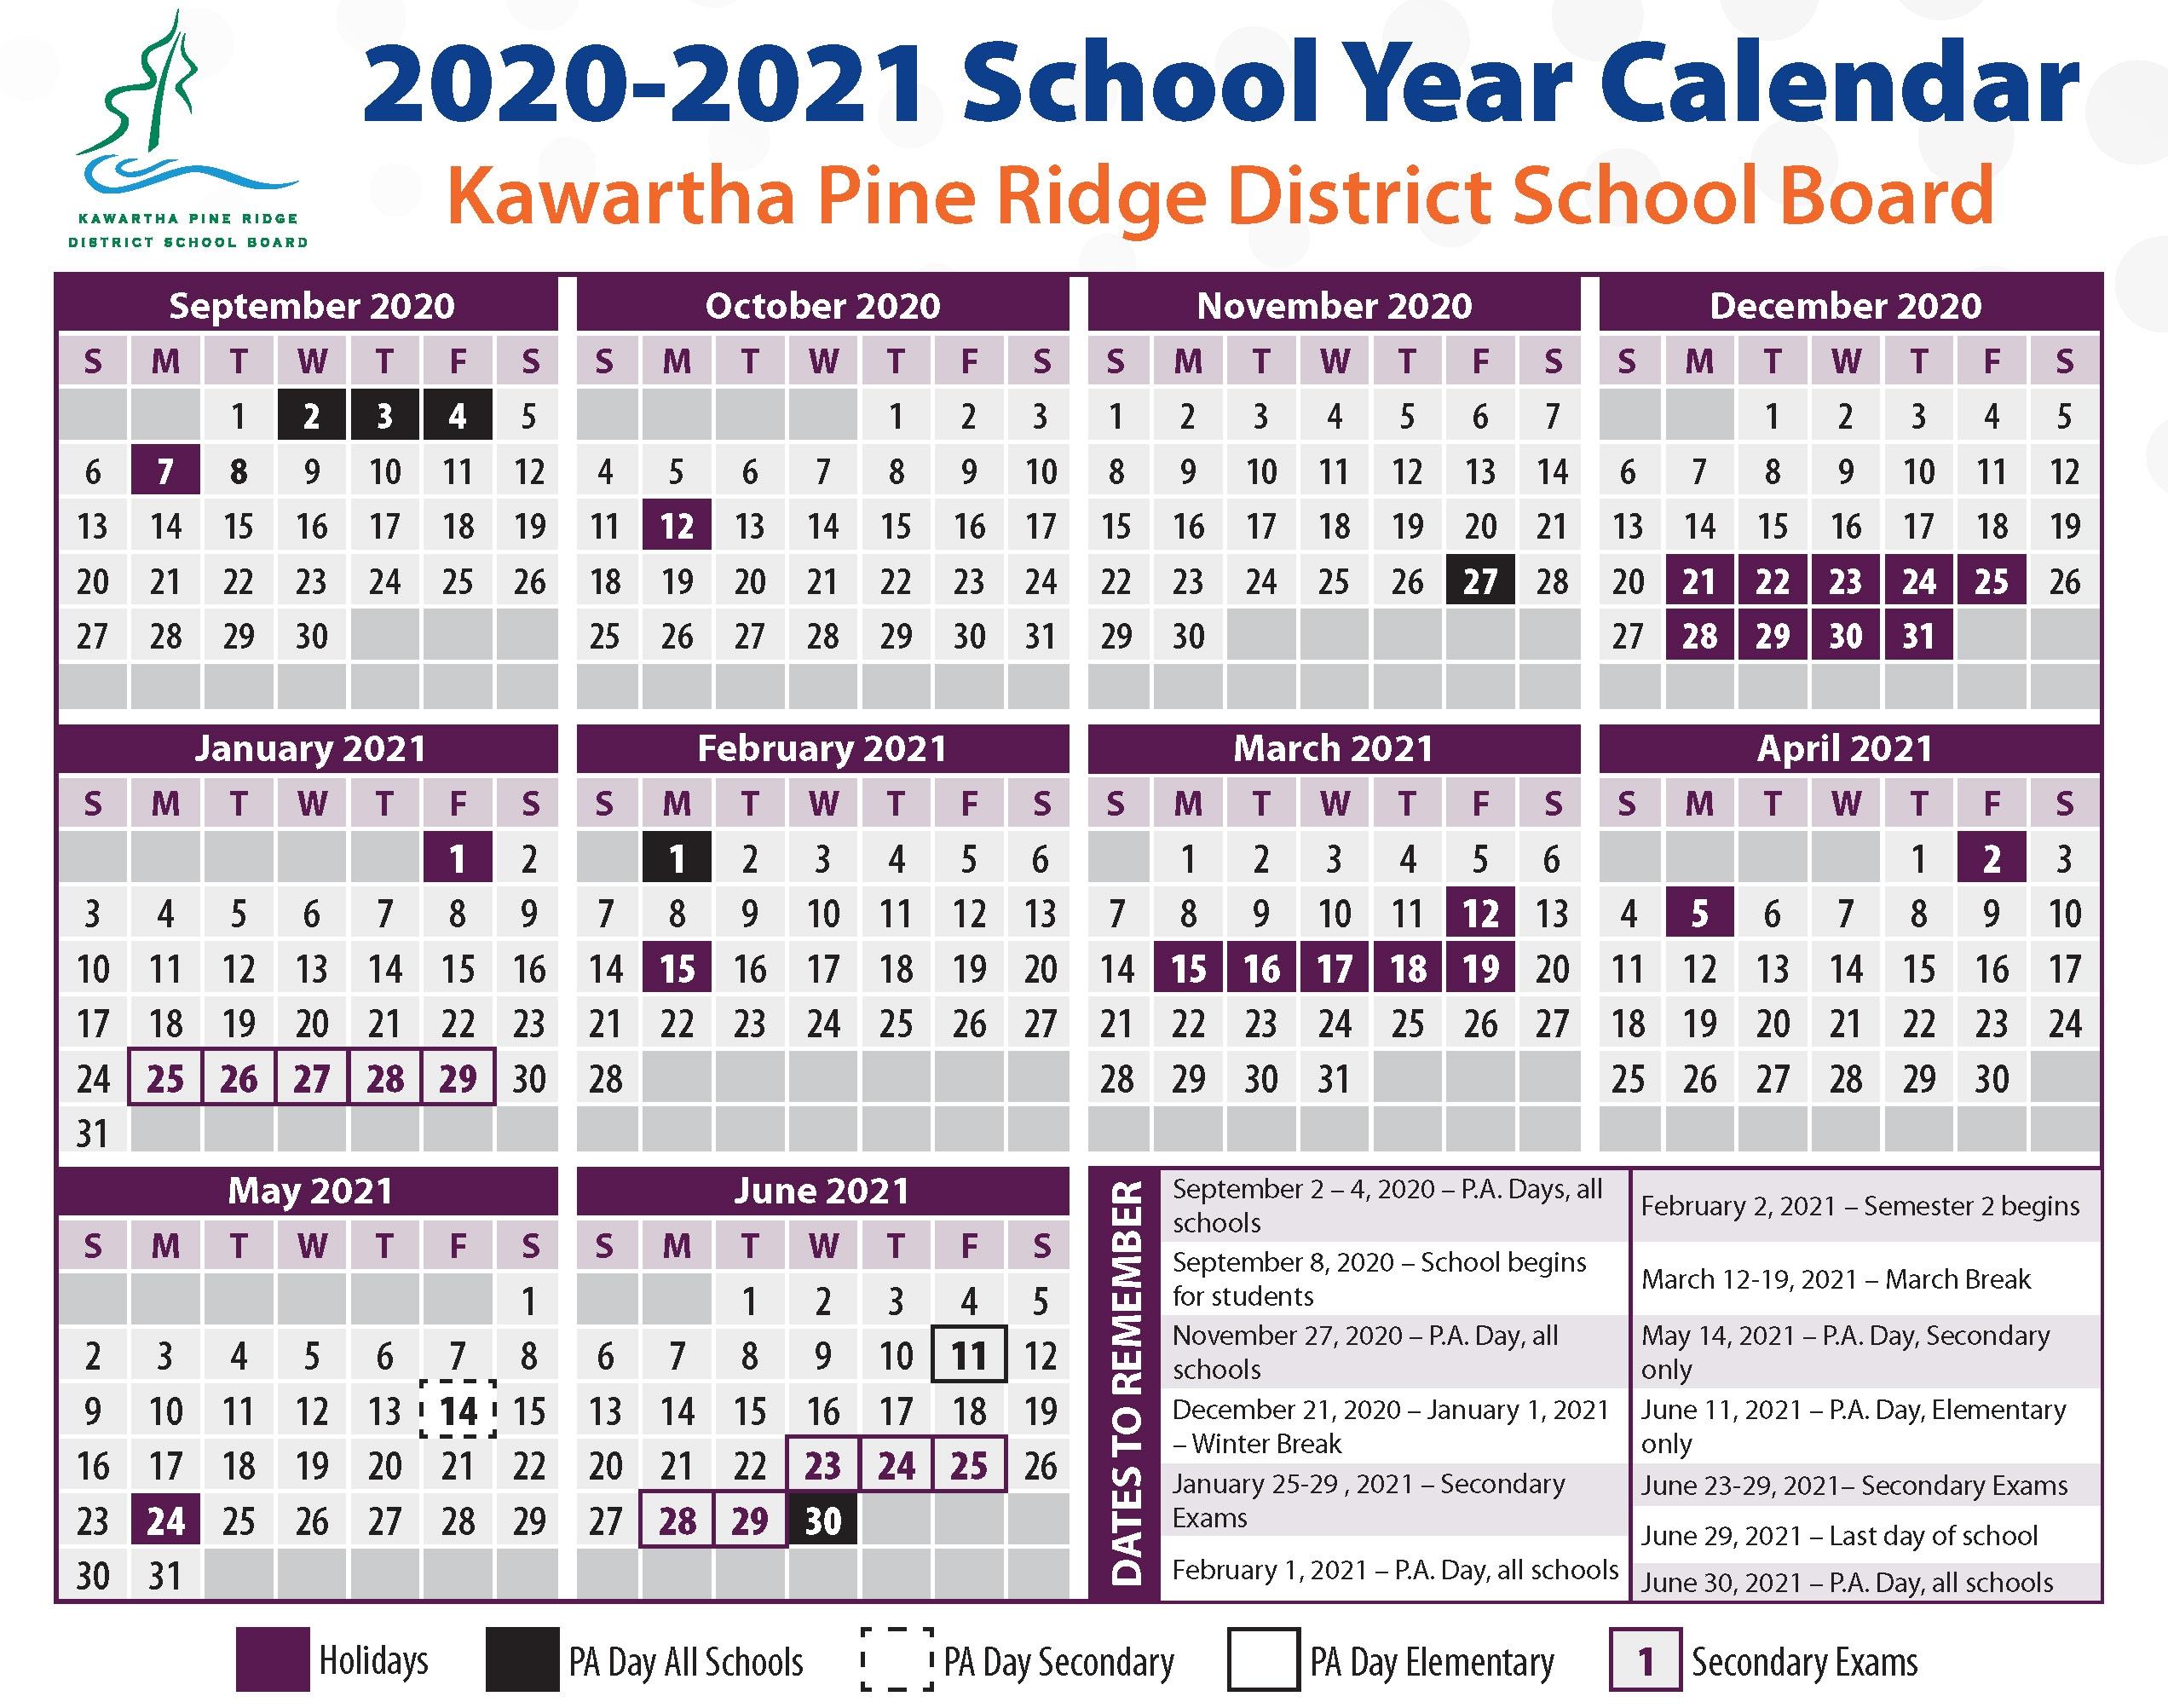 Pick Calendar Of April 2021 School